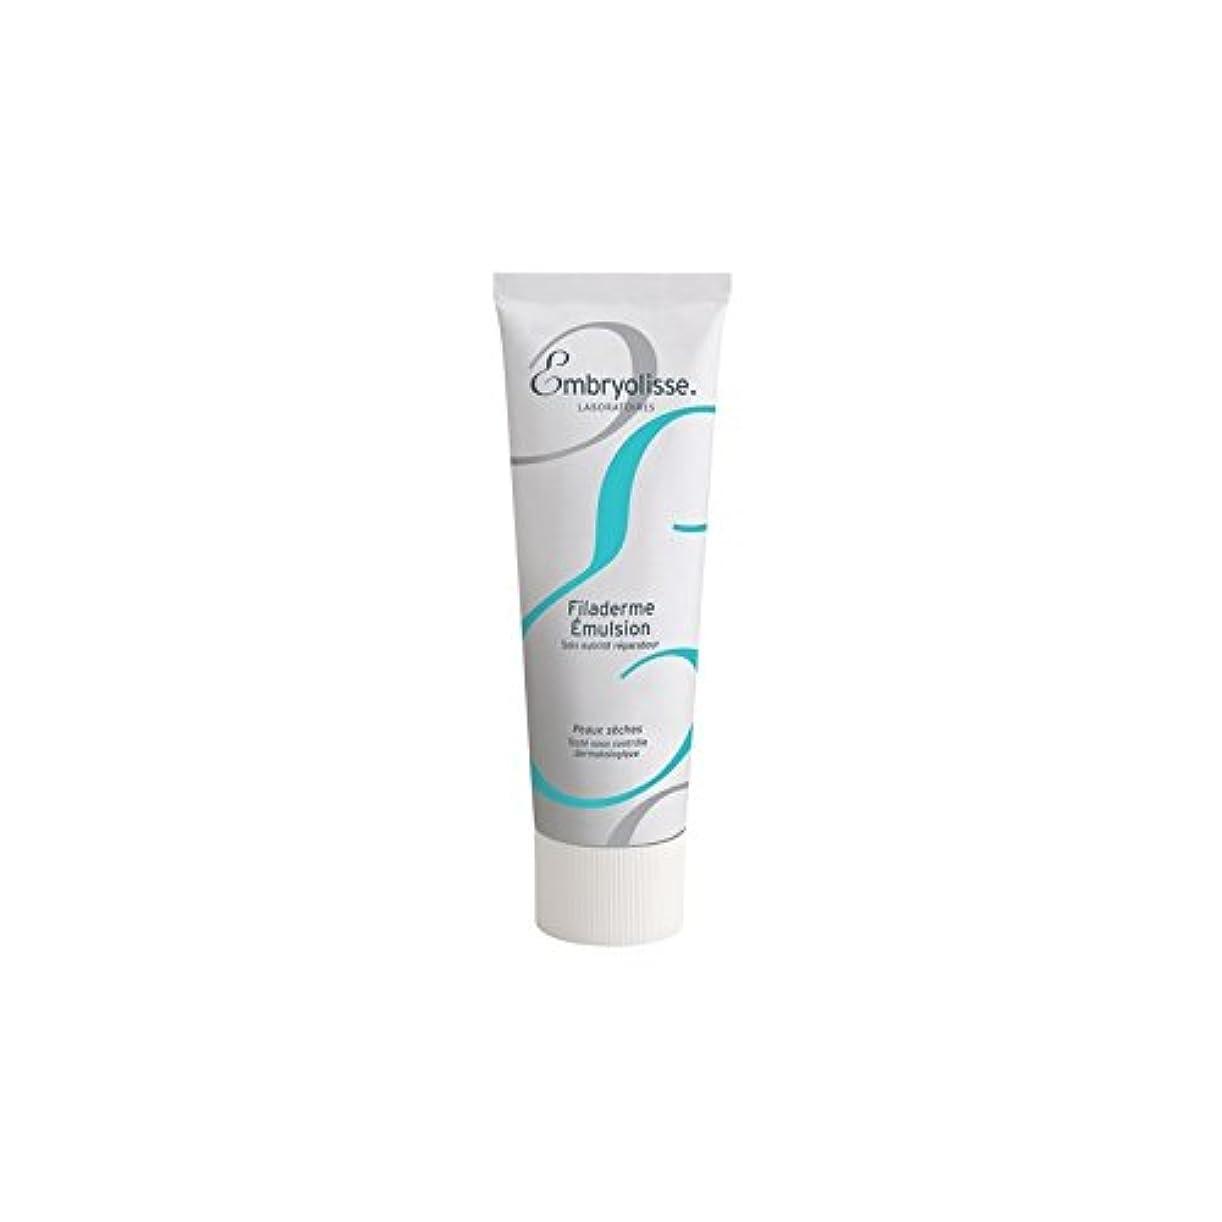 天ずるい変形するEmbryolisse Filaderme Emulsion (75ml) - エマルジョン(75ミリリットル) [並行輸入品]